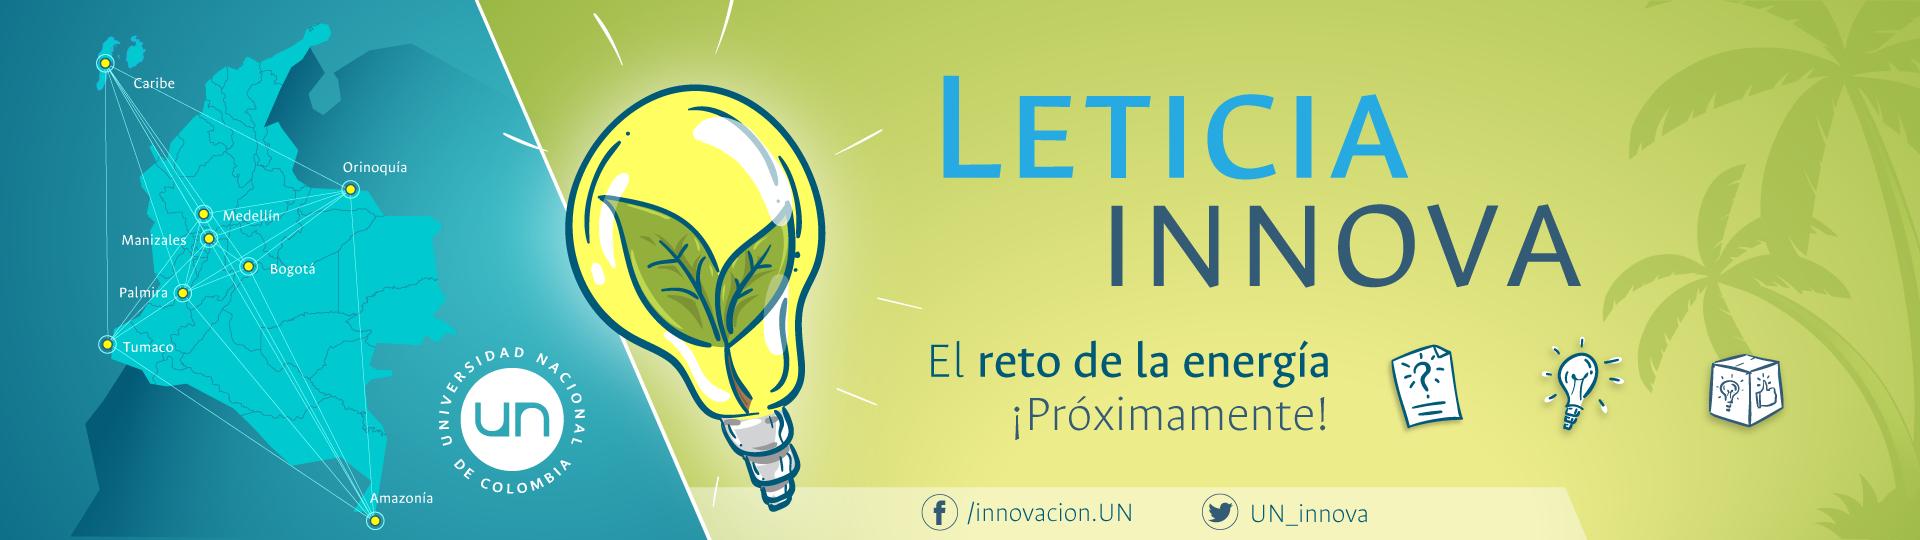 Reto UN Innova: soluciones para uso eficiente de energía en Leticia